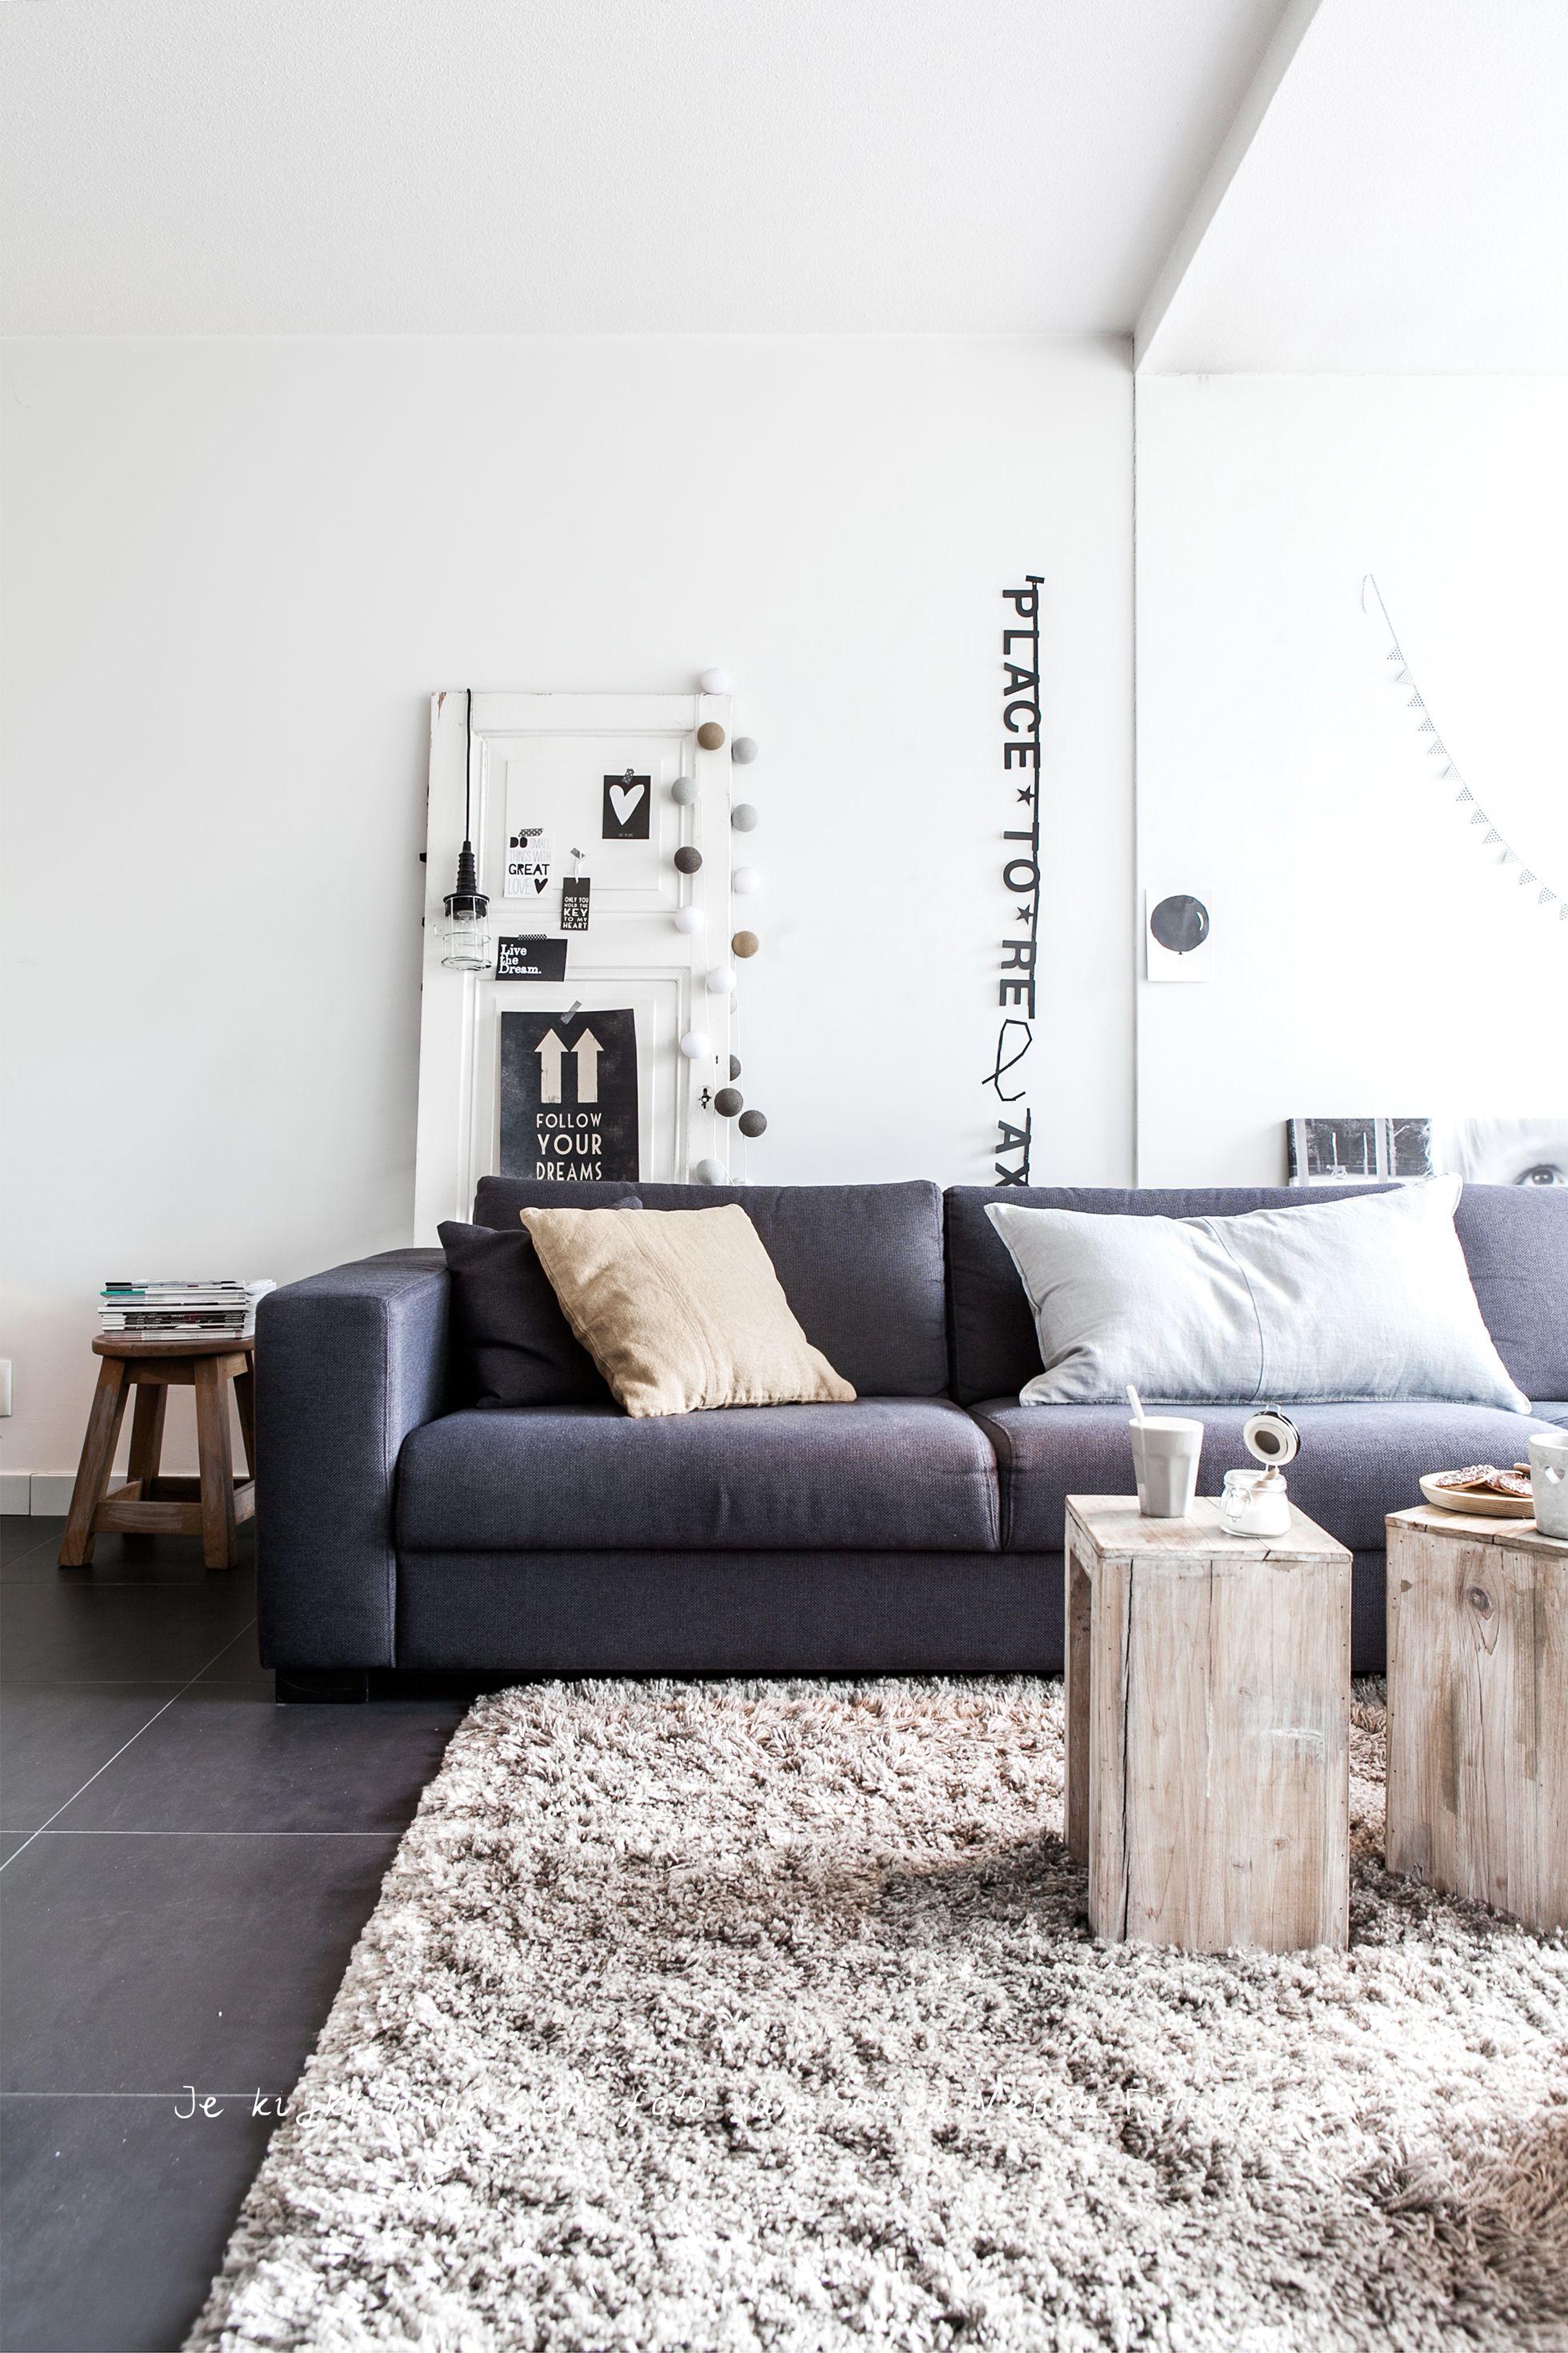 Wohnzimmer des modernen interieurs des hauses pin von claudia van sw auf gewoon leuk  pinterest  wohnzimmer